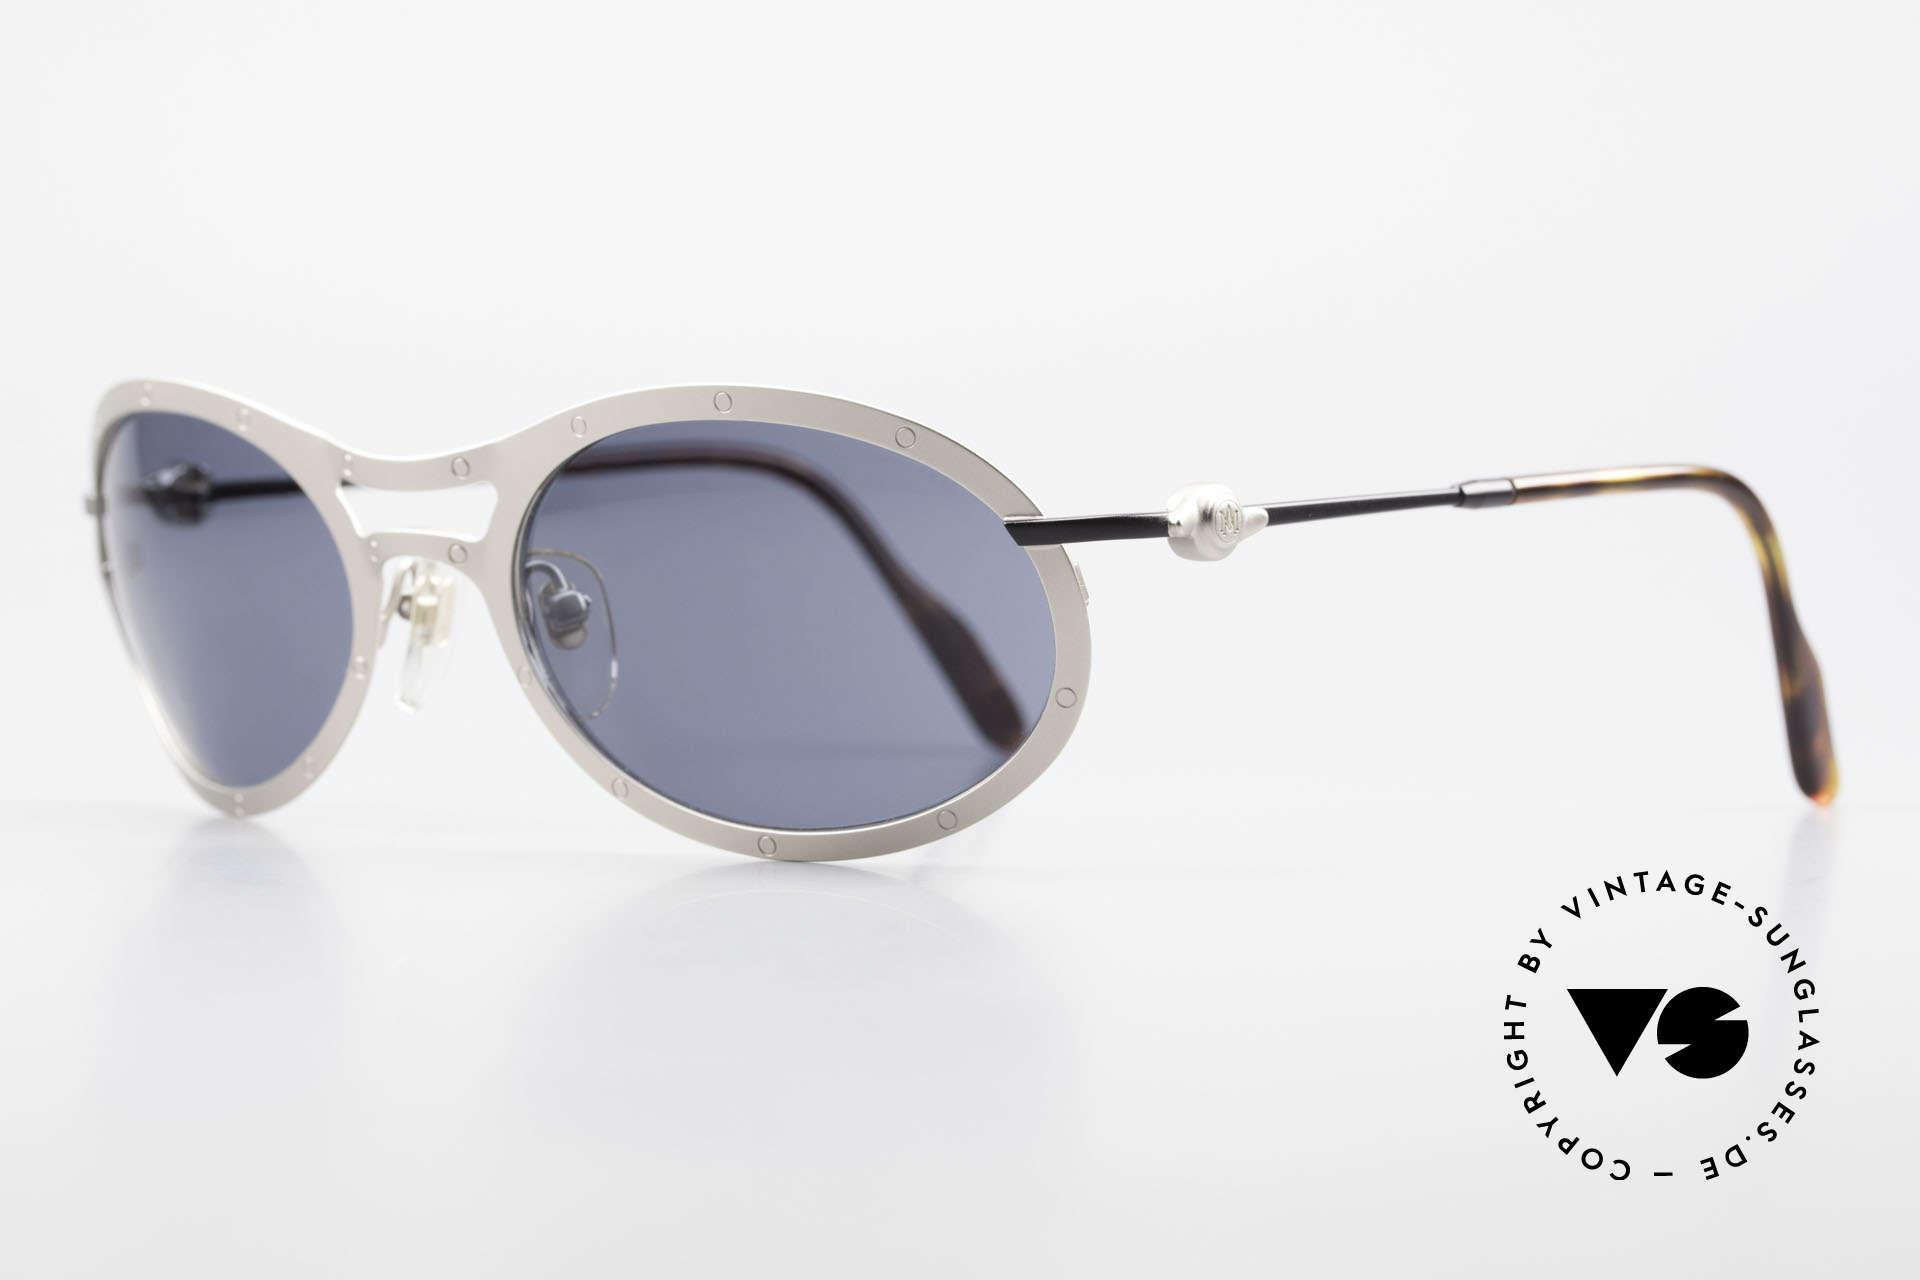 Aston Martin AM33 Sporty Herren Sonnenbrille, sportlich elegant für den Gentleman (James Bond Style), Passend für Herren